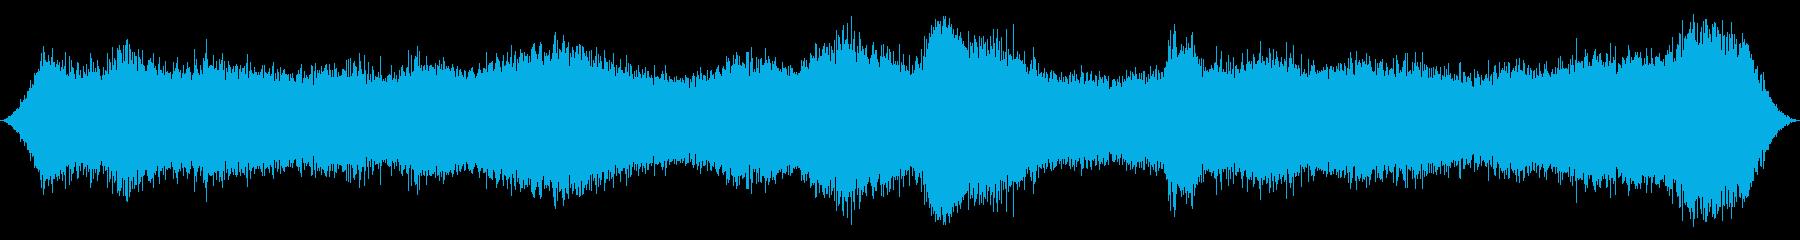 オーシャン:波が中から入り、重くな...の再生済みの波形